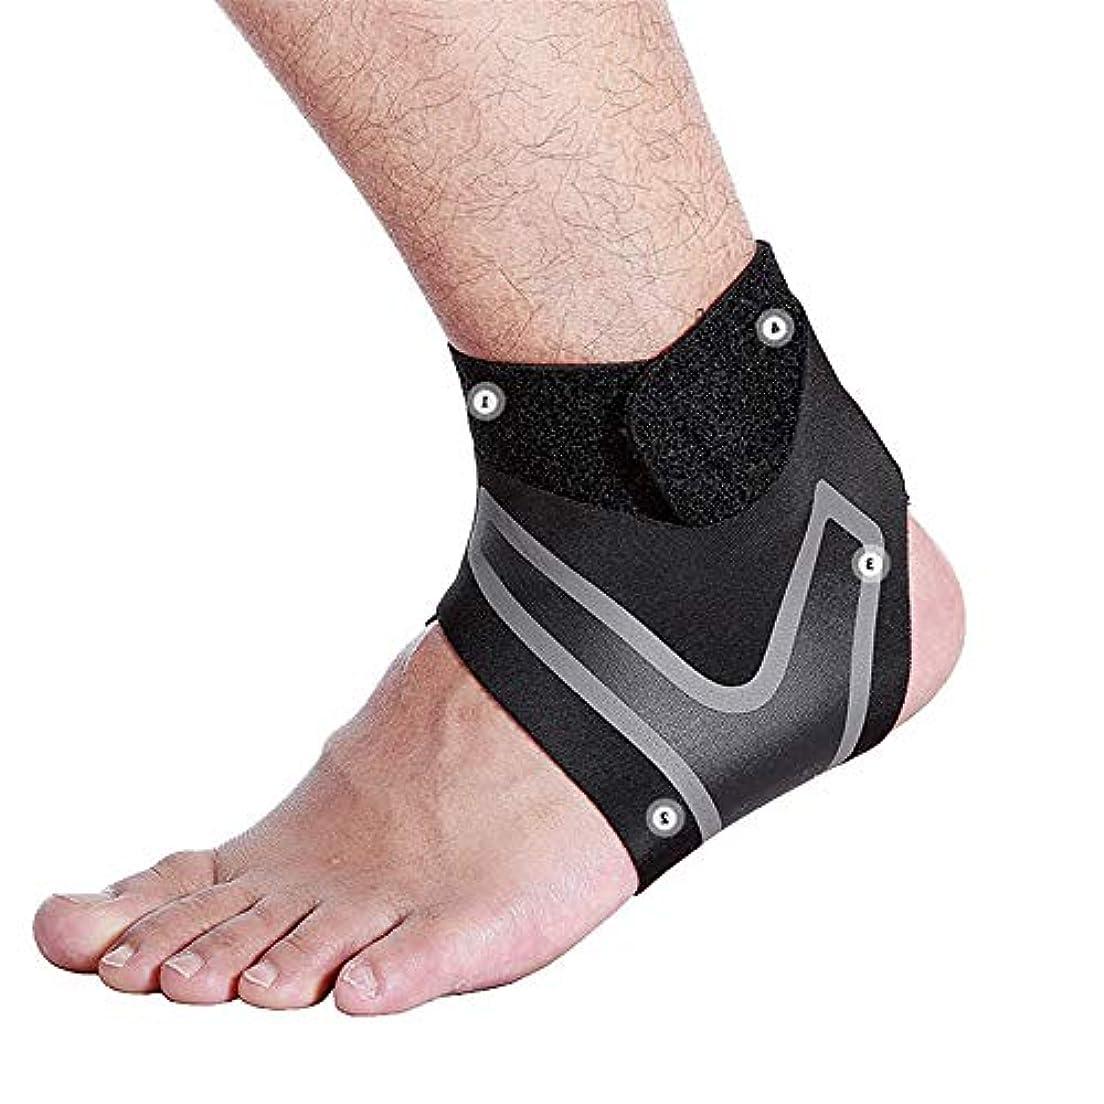 一過性振るうエコー男性と女性用のアンクルブレース、調節可能な圧縮足首サポートラップ、足底筋膜炎用の完璧な足首スリーブ、アキレス腱、小さな捻rain、すべてに合うサイズ